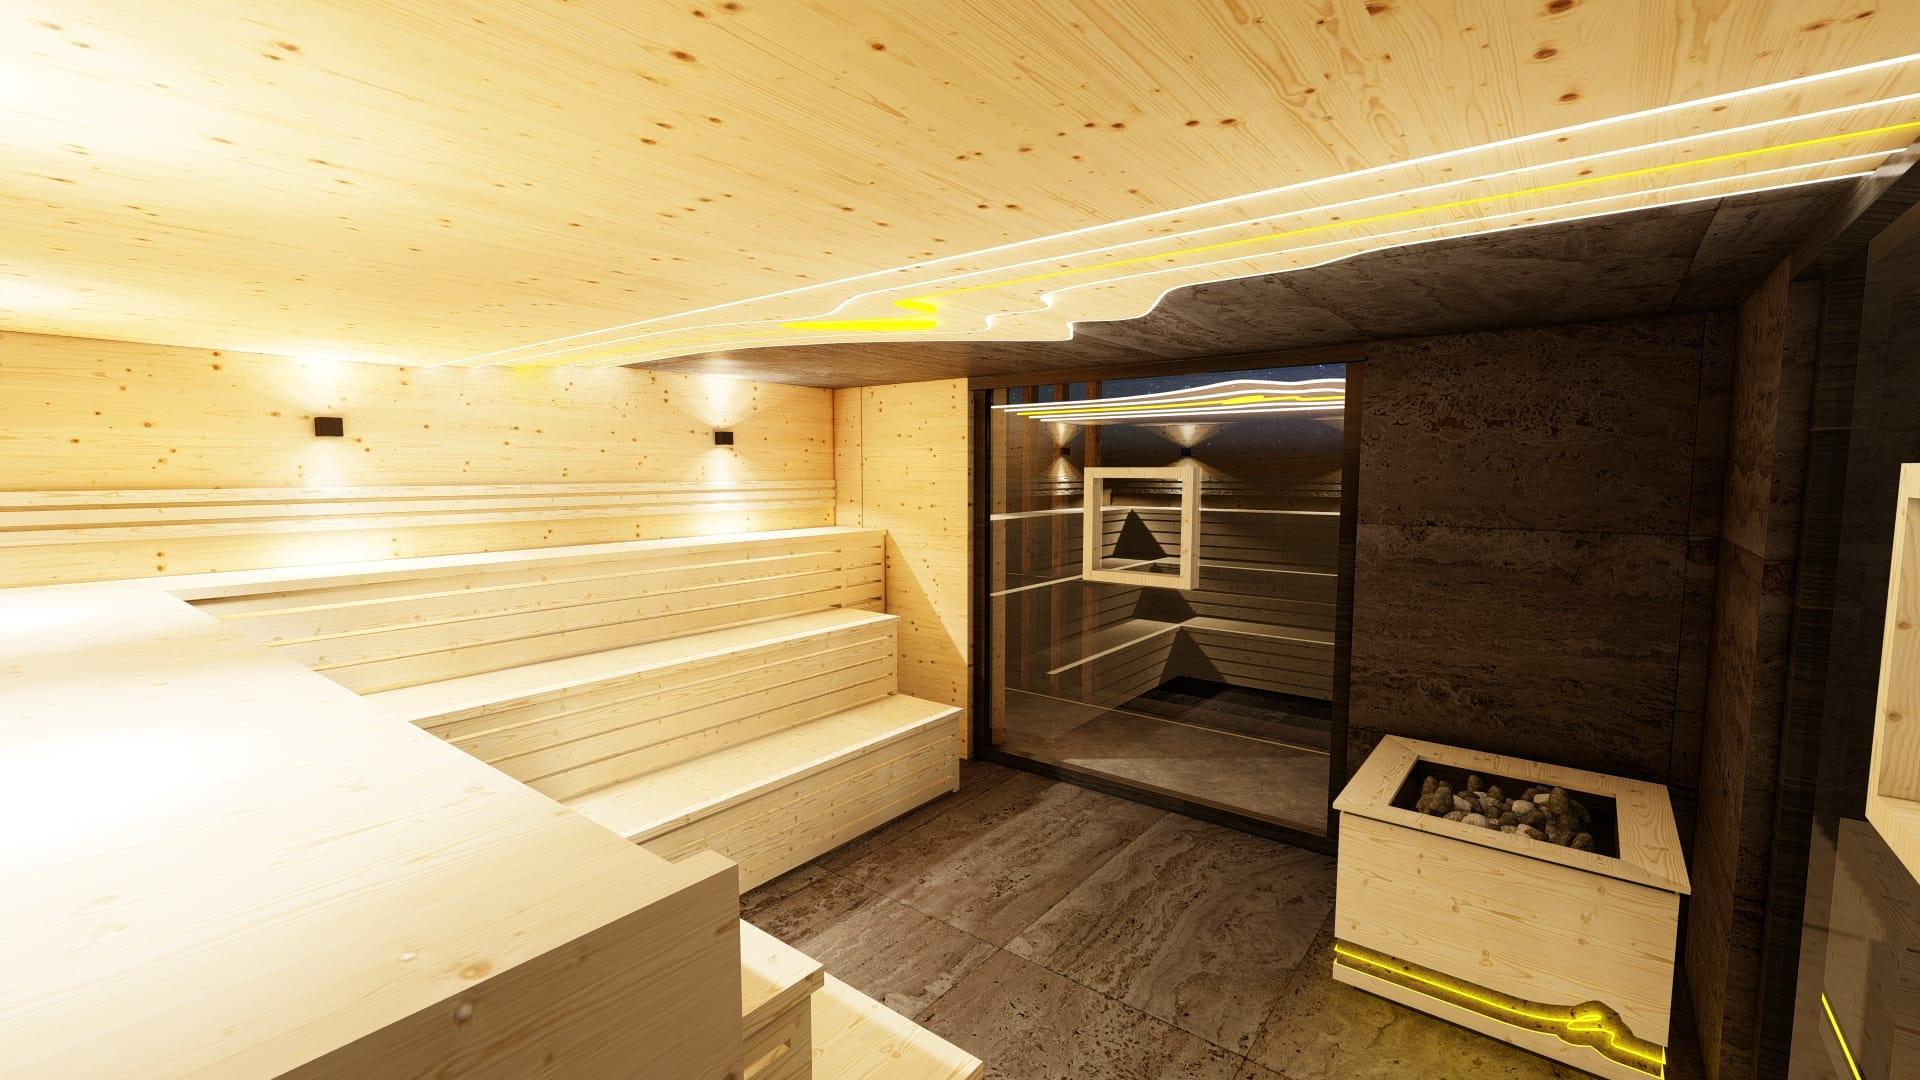 Hofgut-apartment-lifestyle-resort-sauna-und-ruhebereich-bio-zirbensauna